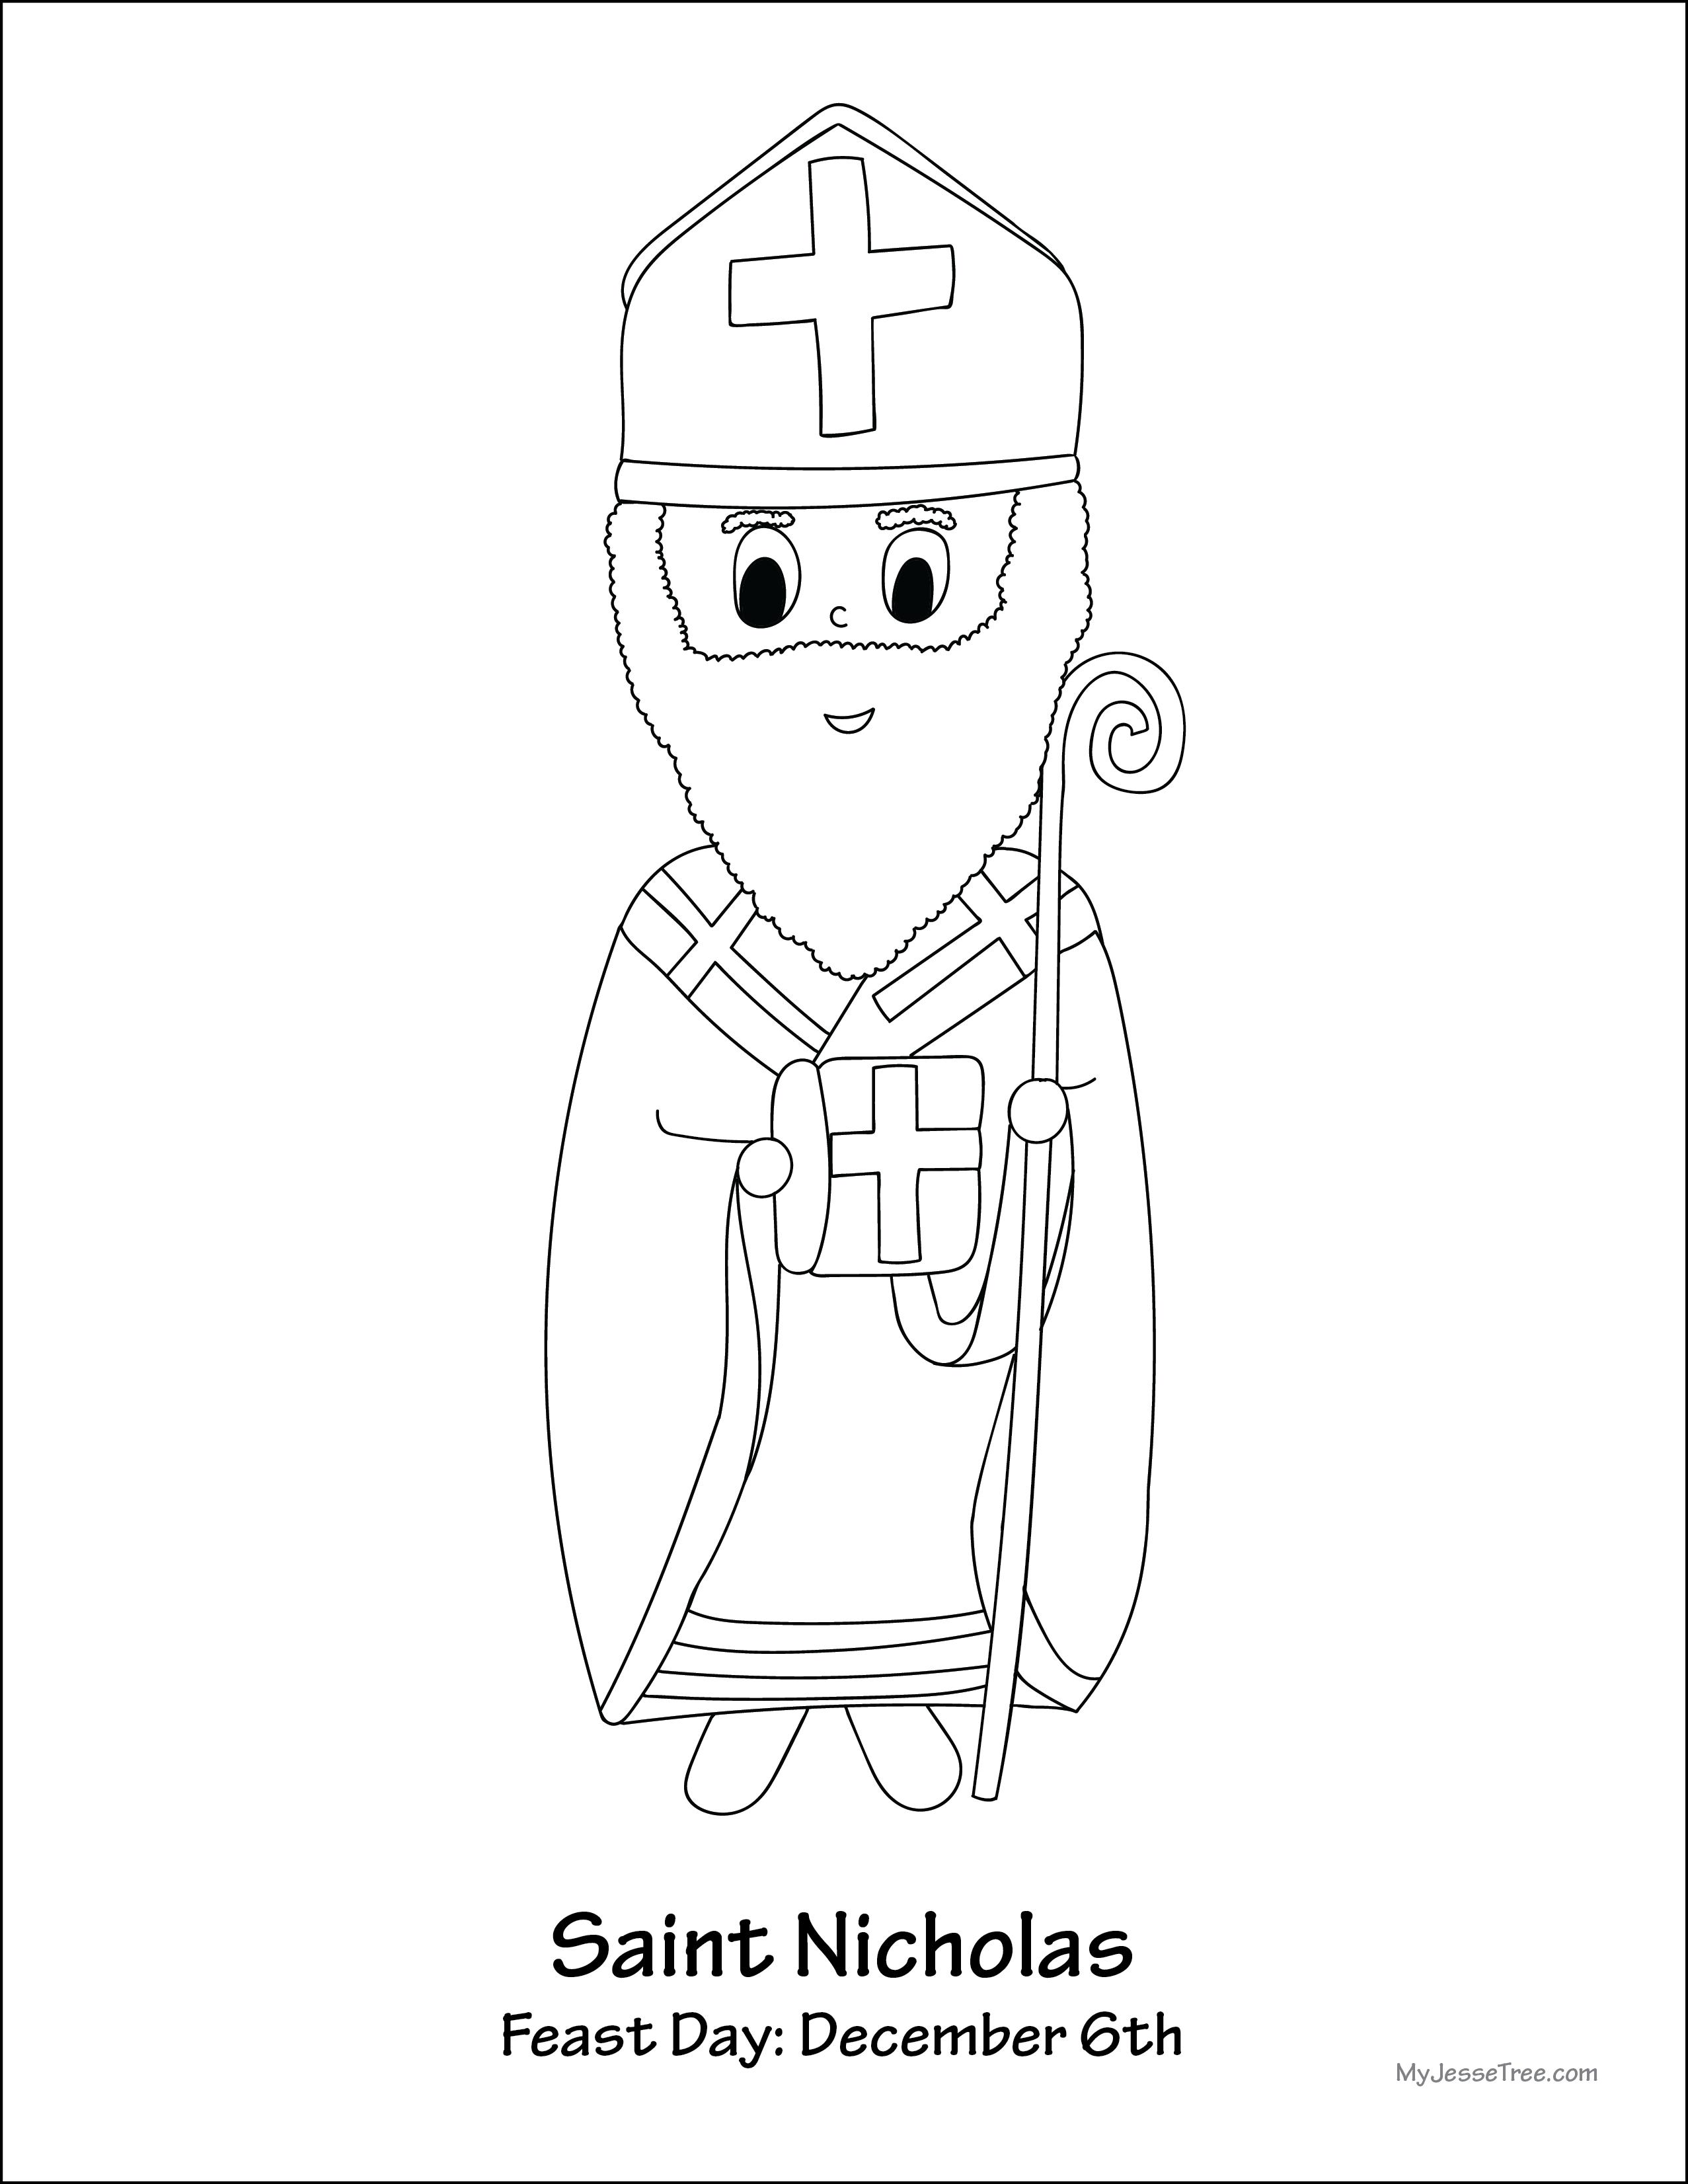 st nicholas coloring page saint nicholas coloring page coloring home nicholas st coloring page